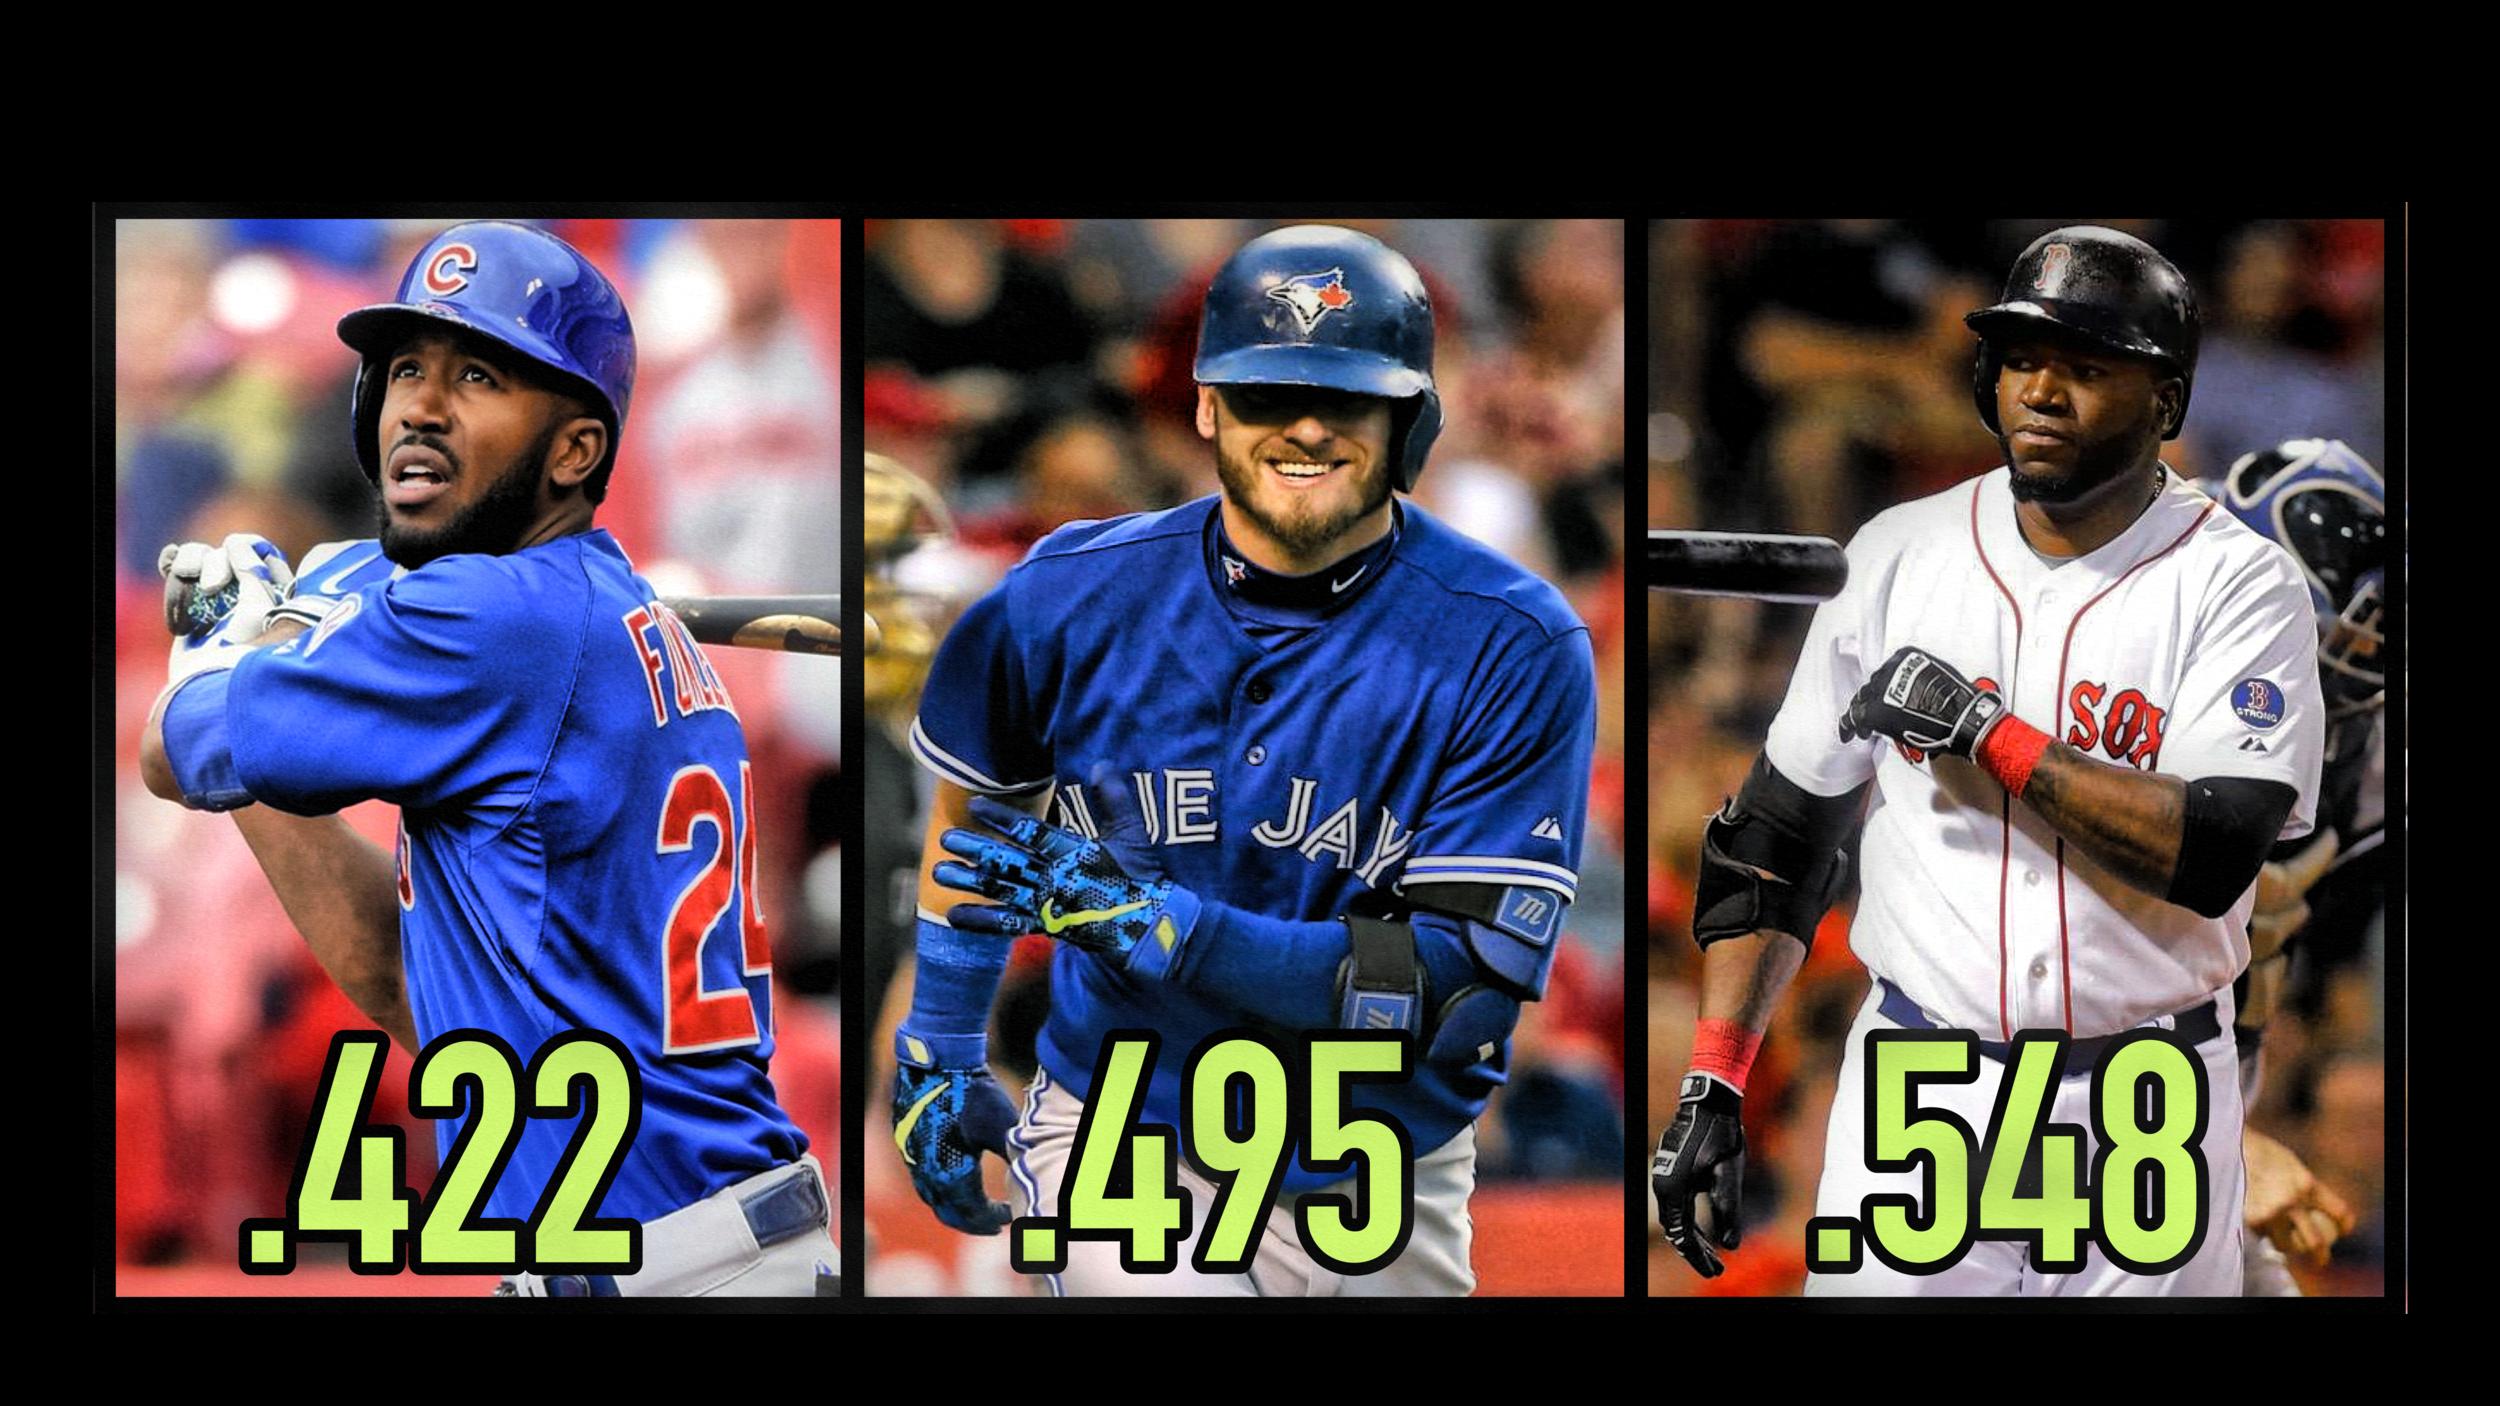 Teaching Math Through Major League Baseballless